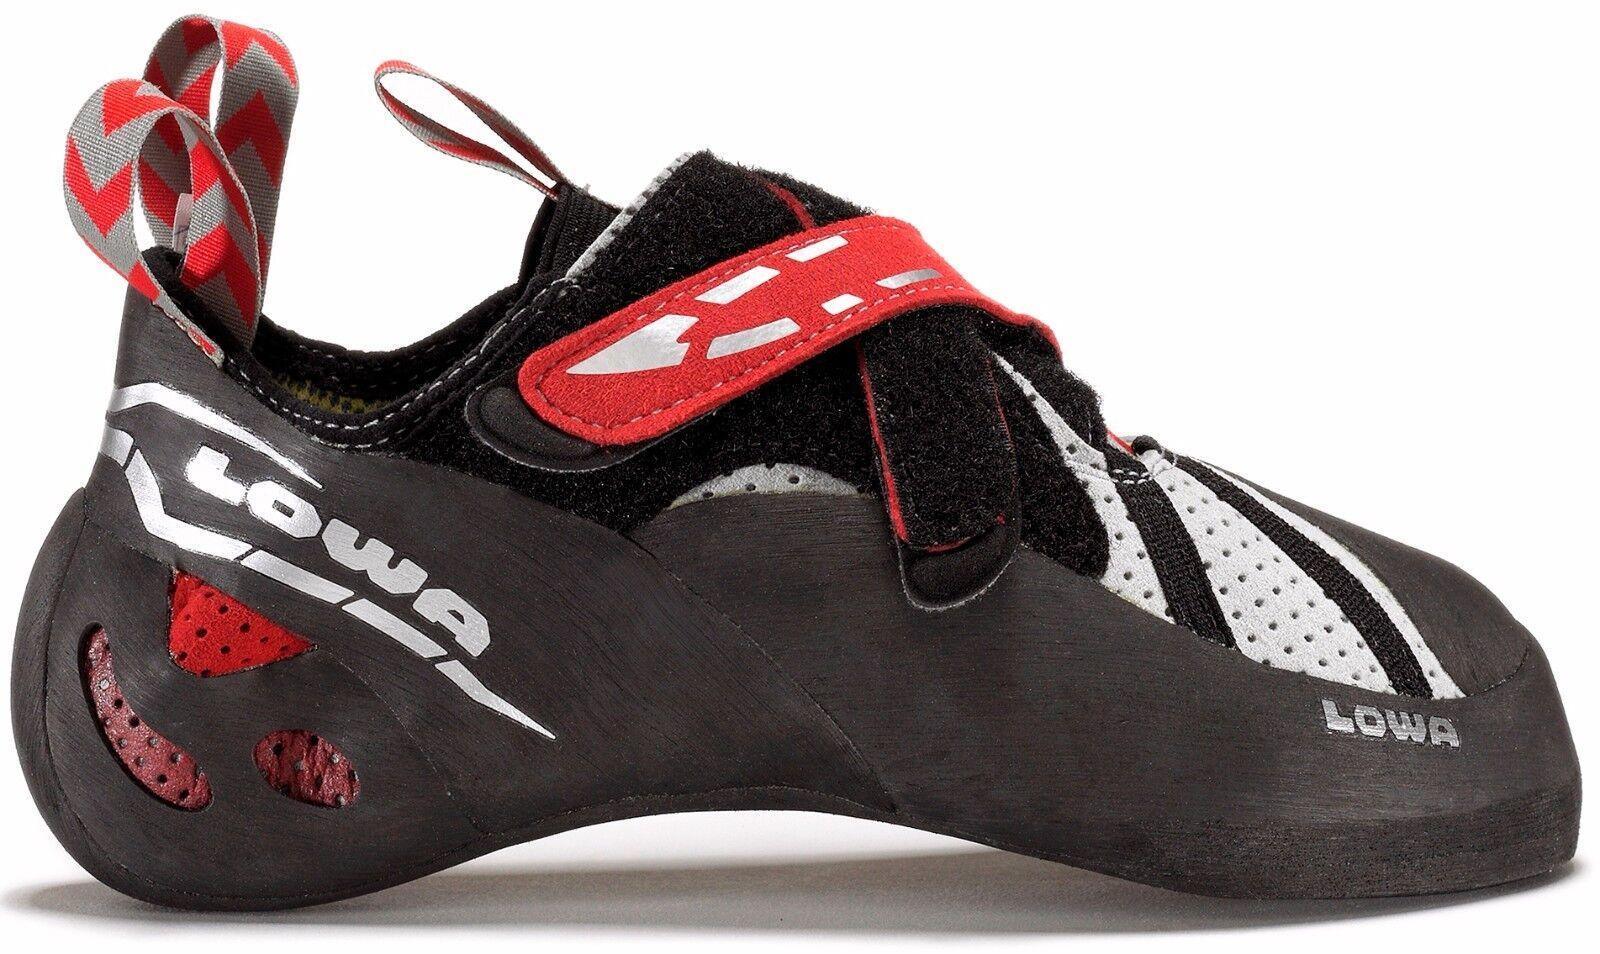 Lowa X-Boulder Para Hombre Zapato Rojo Negro Alpine Escalada 10.5